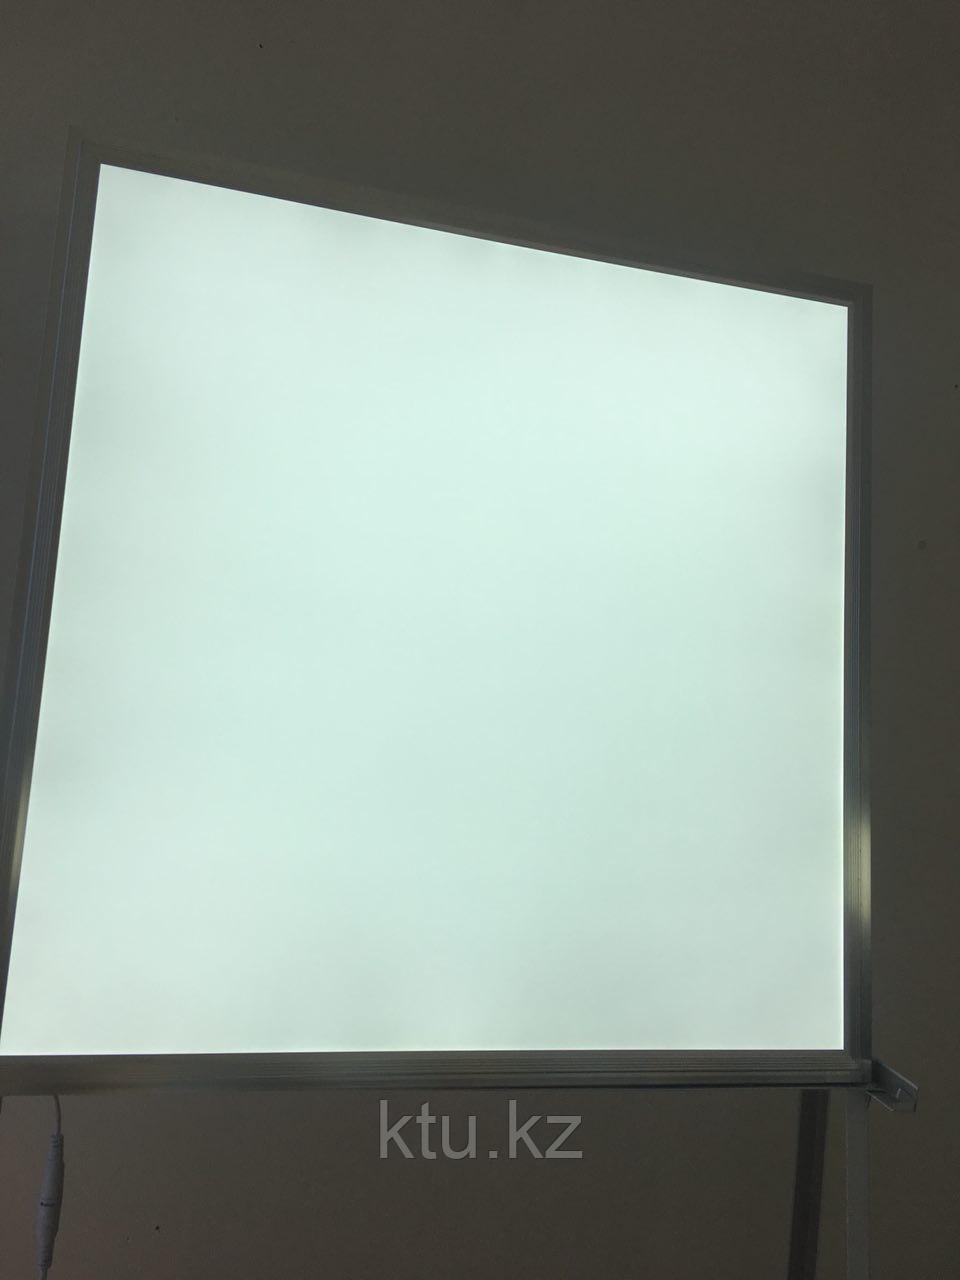 Светильник под армстронг для школы JL-6060 36W 1год гарантия